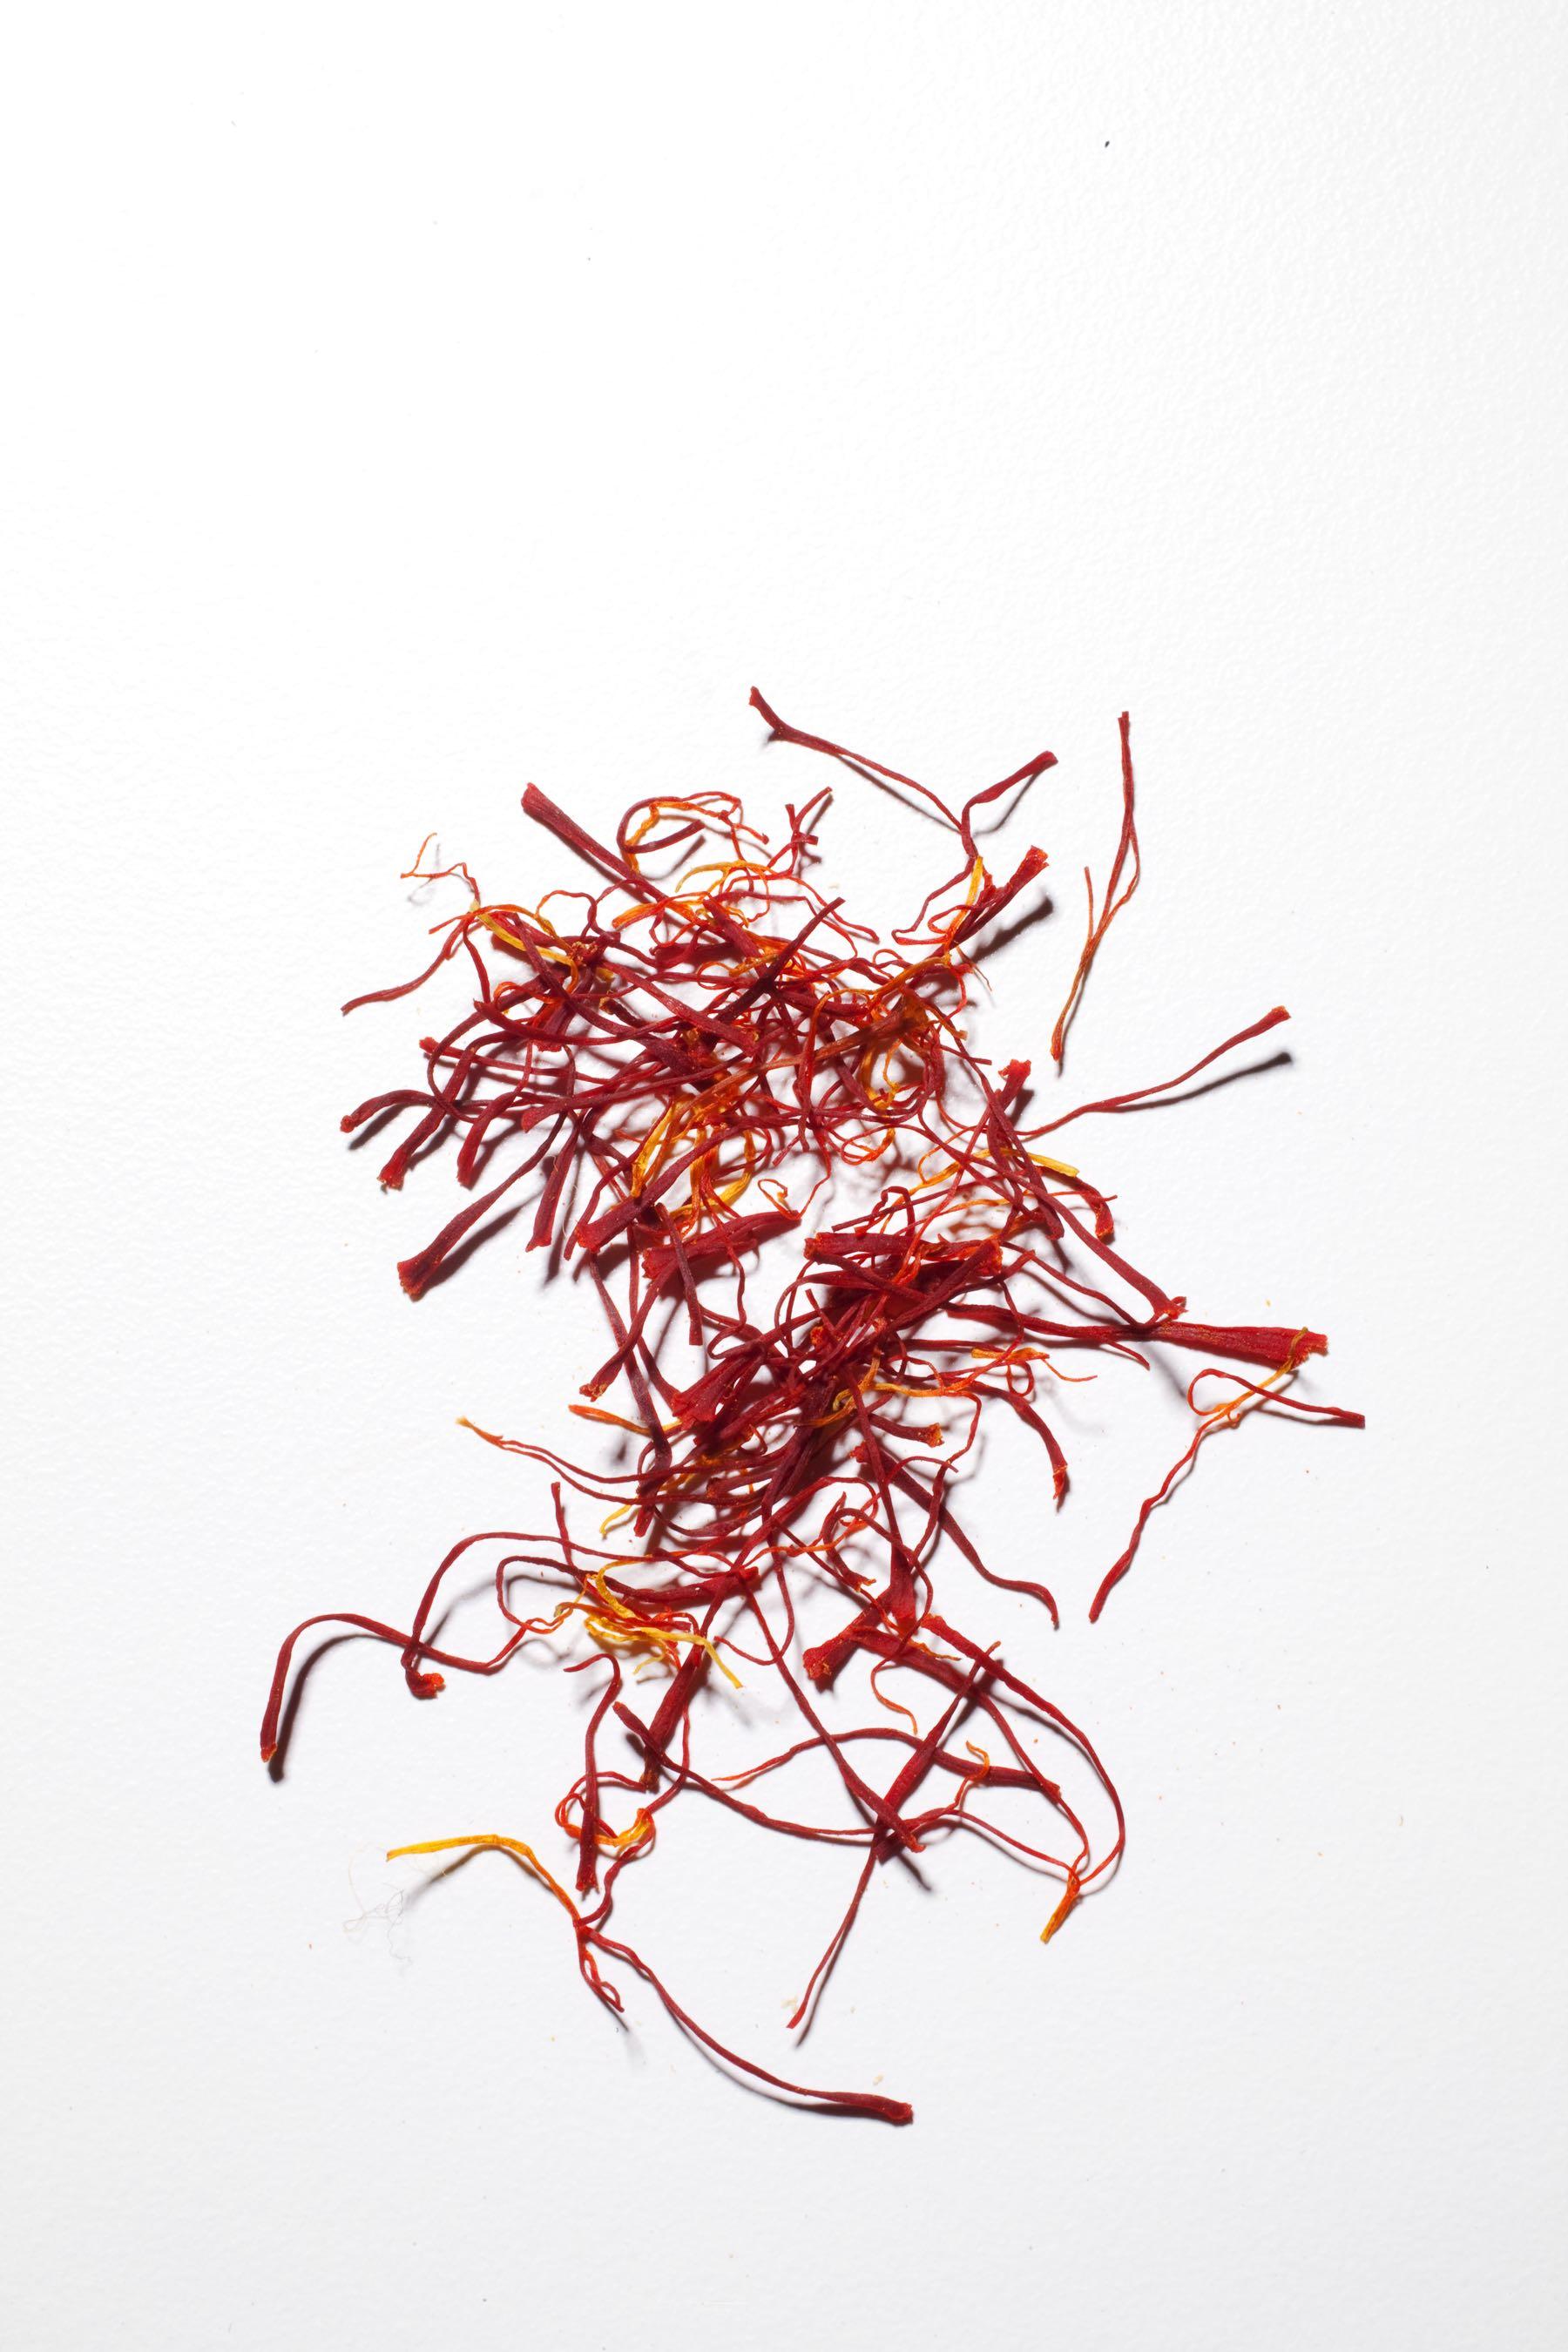 Saffron_Final.jpg